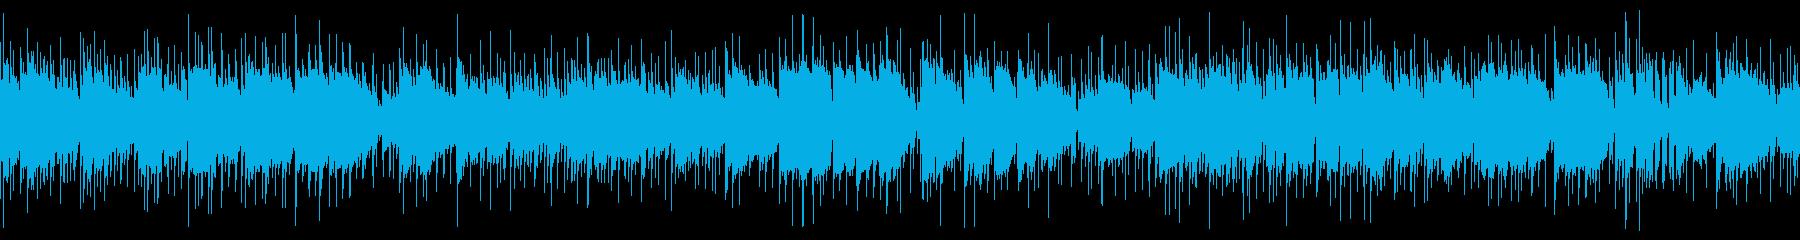 ショパン「別れの曲」 ギターver.の再生済みの波形